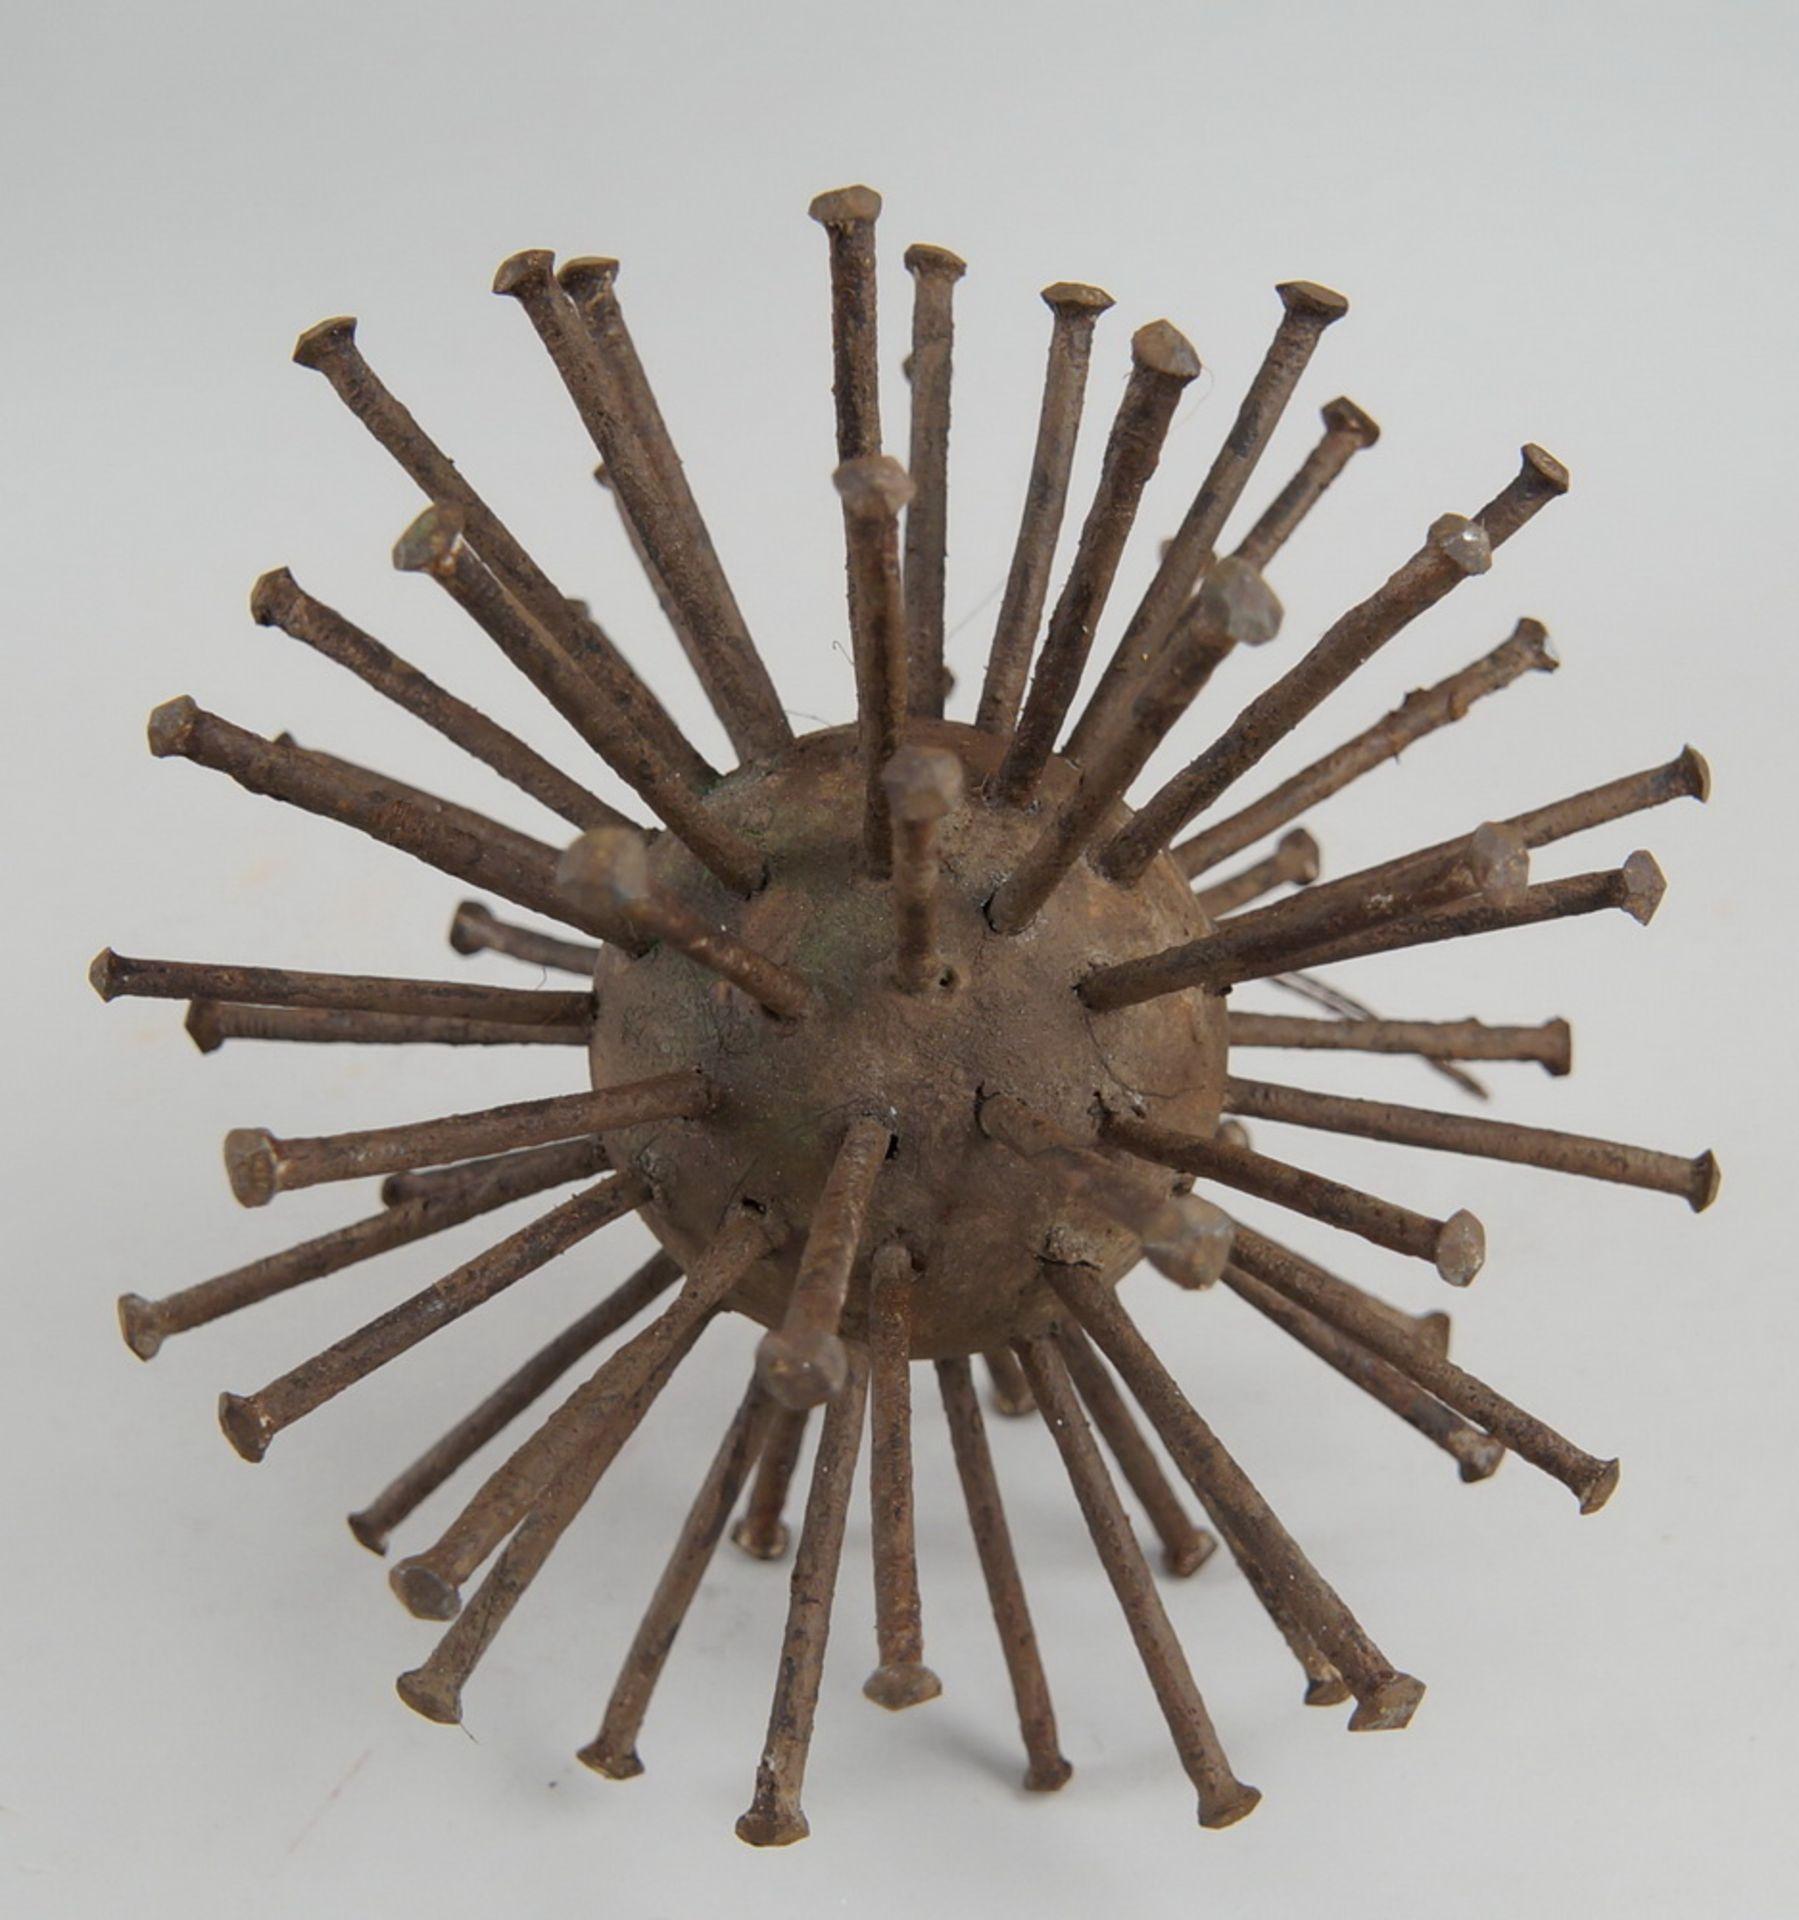 Grosse Votivgabe in Form eines Sternes, zur Abwehr von Krankheiten, mit Eisenstacheln,Durchmesser 18 - Bild 5 aus 5